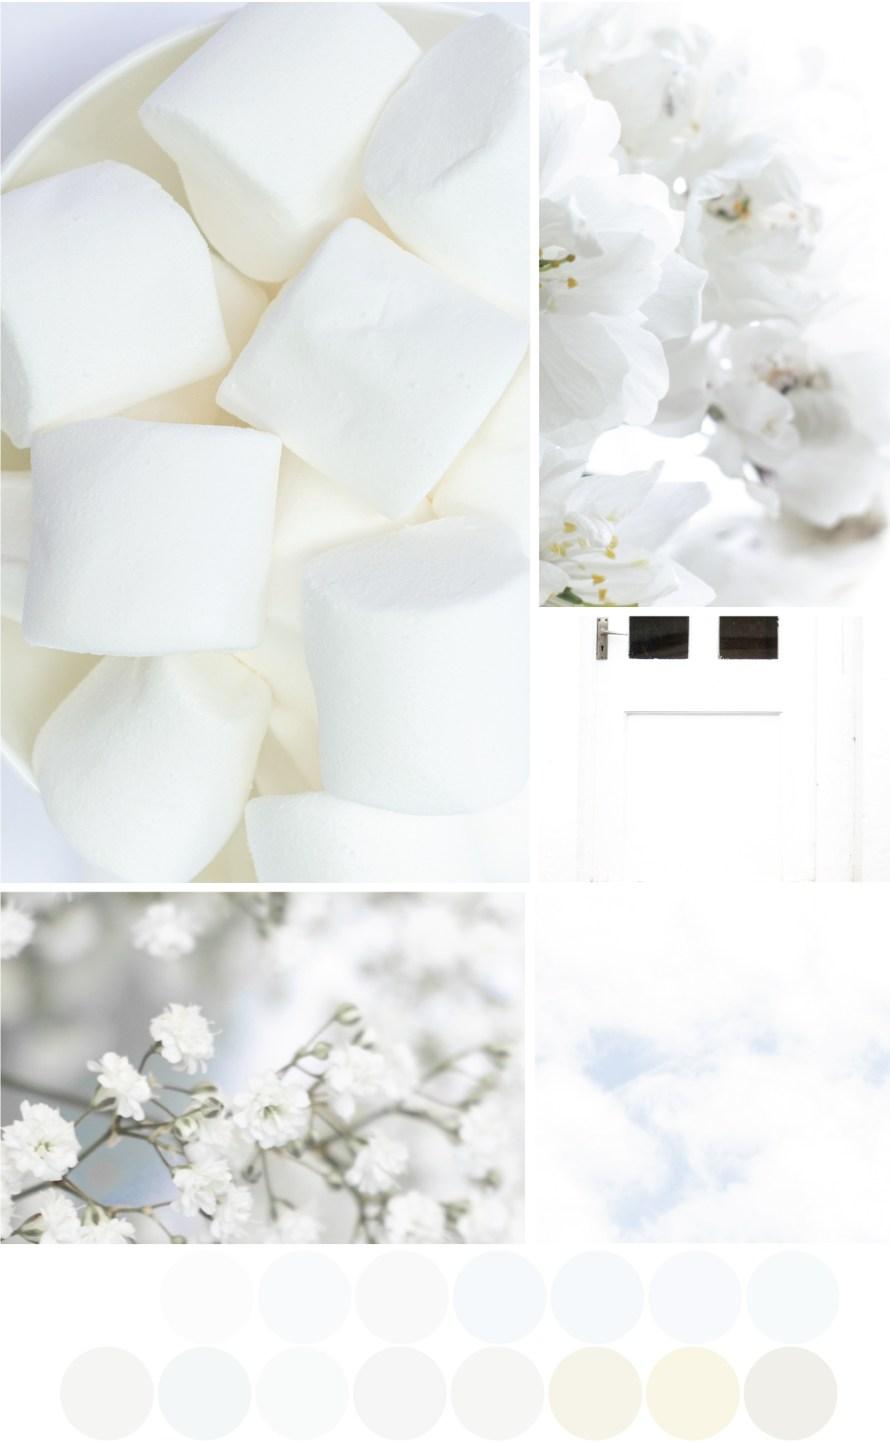 Farbkombinationen mit Weiß - Weißschattierungen - Tweed & Greet